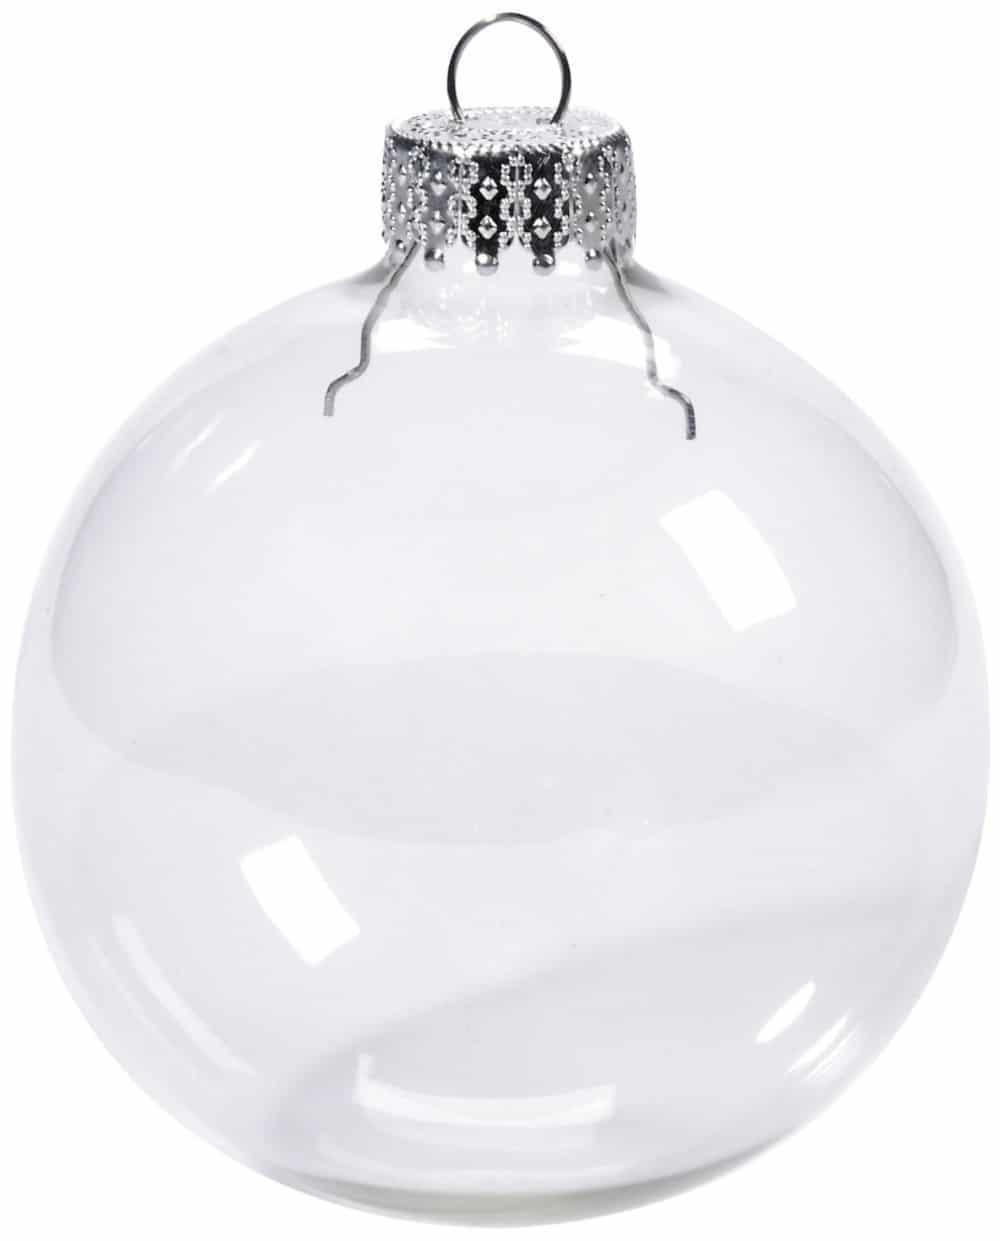 bolas de navidad transparente con capuchón